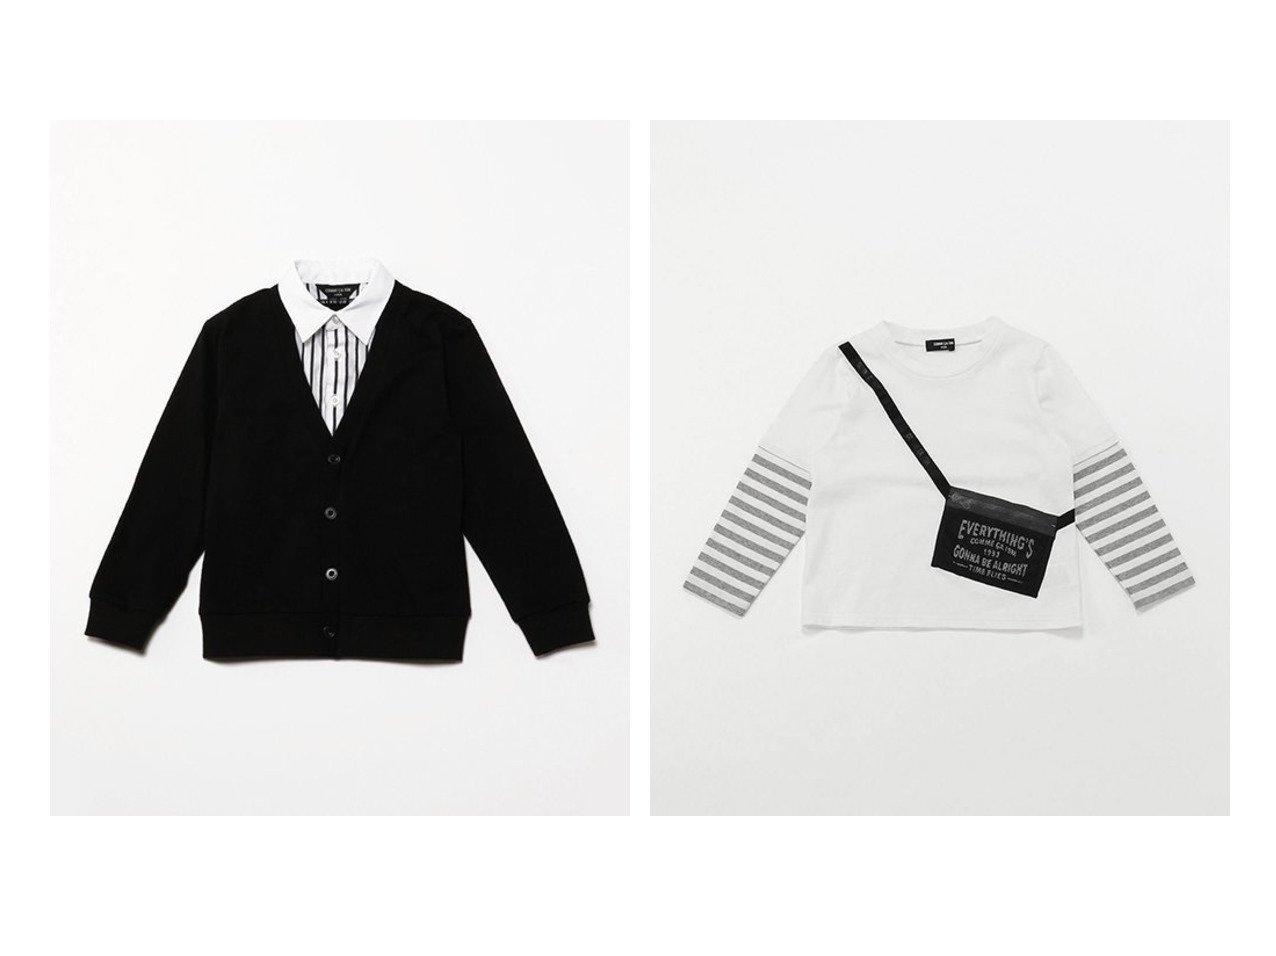 【COMME CA ISM / KIDS/コムサイズム】のサコッシュ付き レイヤード長袖Tシャツ&フェイクレイヤード 長袖シャツ(100~130cm) 【KIDS】子供服のおすすめ!人気トレンド・キッズファッションの通販 おすすめで人気の流行・トレンド、ファッションの通販商品 メンズファッション・キッズファッション・インテリア・家具・レディースファッション・服の通販 founy(ファニー) https://founy.com/ ファッション Fashion キッズファッション KIDS トップス Tops Tees Kids カーディガン ストライプ ストレッチ 長袖 |ID:crp329100000019685